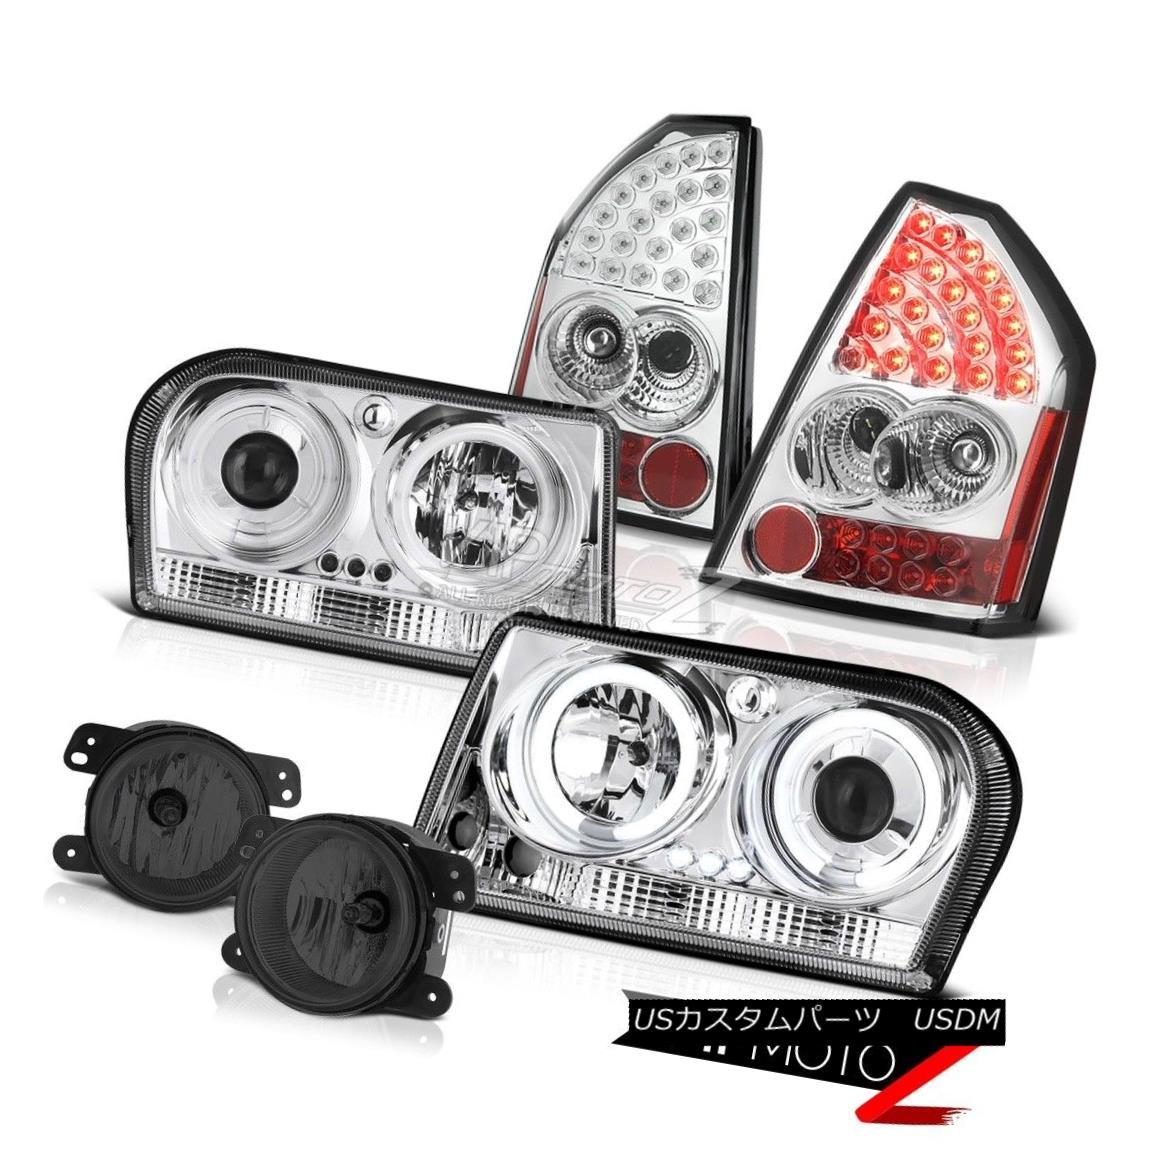 車用品 バイク用品 >> パーツ ライト ランプ ヘッドライト 05-07 Chrysler 毎日がバーゲンセール 300 Bumper Fluorescence Halo Fog 2.7L蛍光ハローヘッドライトクロームタイルランプバンパーフォグ 新作入荷!! Taillamps 05-07クライスラー300 Chrome Headlights 2.7L